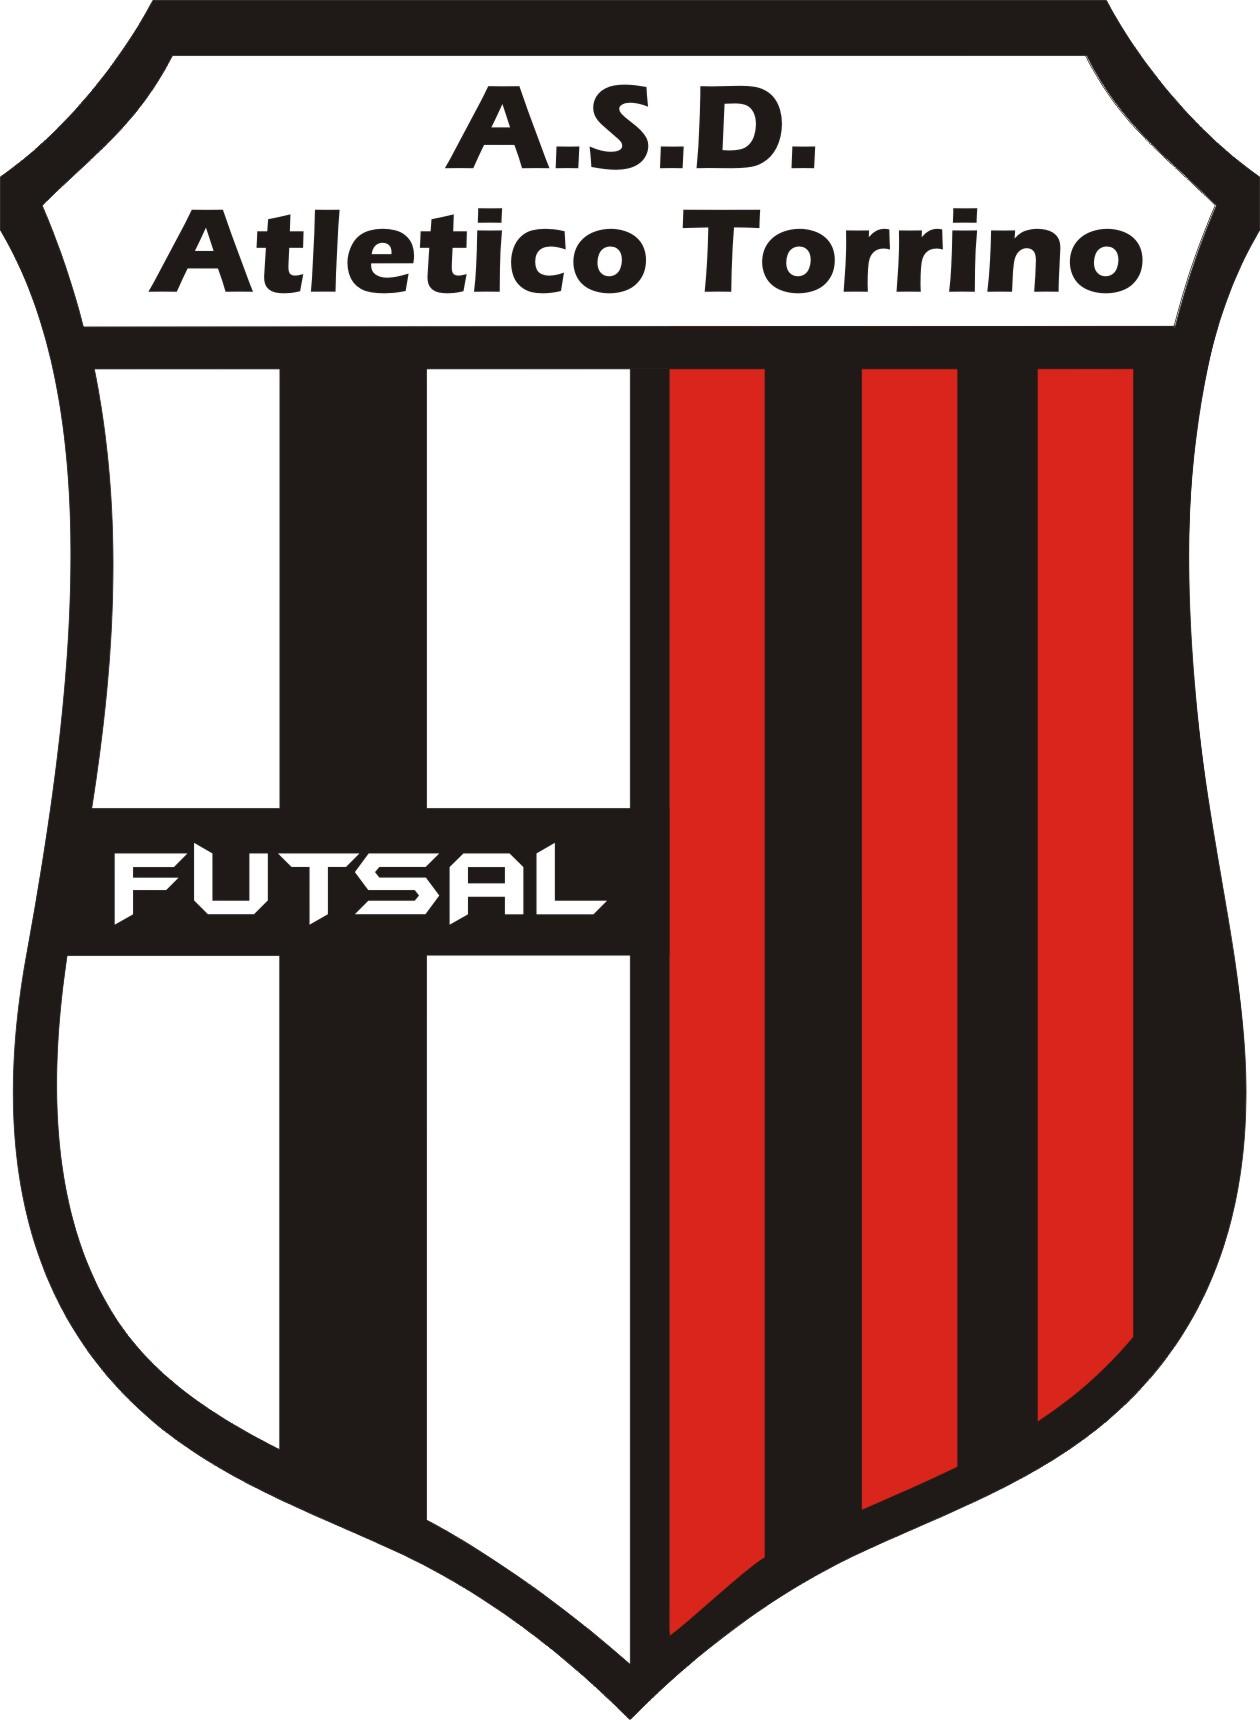 ATLETICO TORRINO